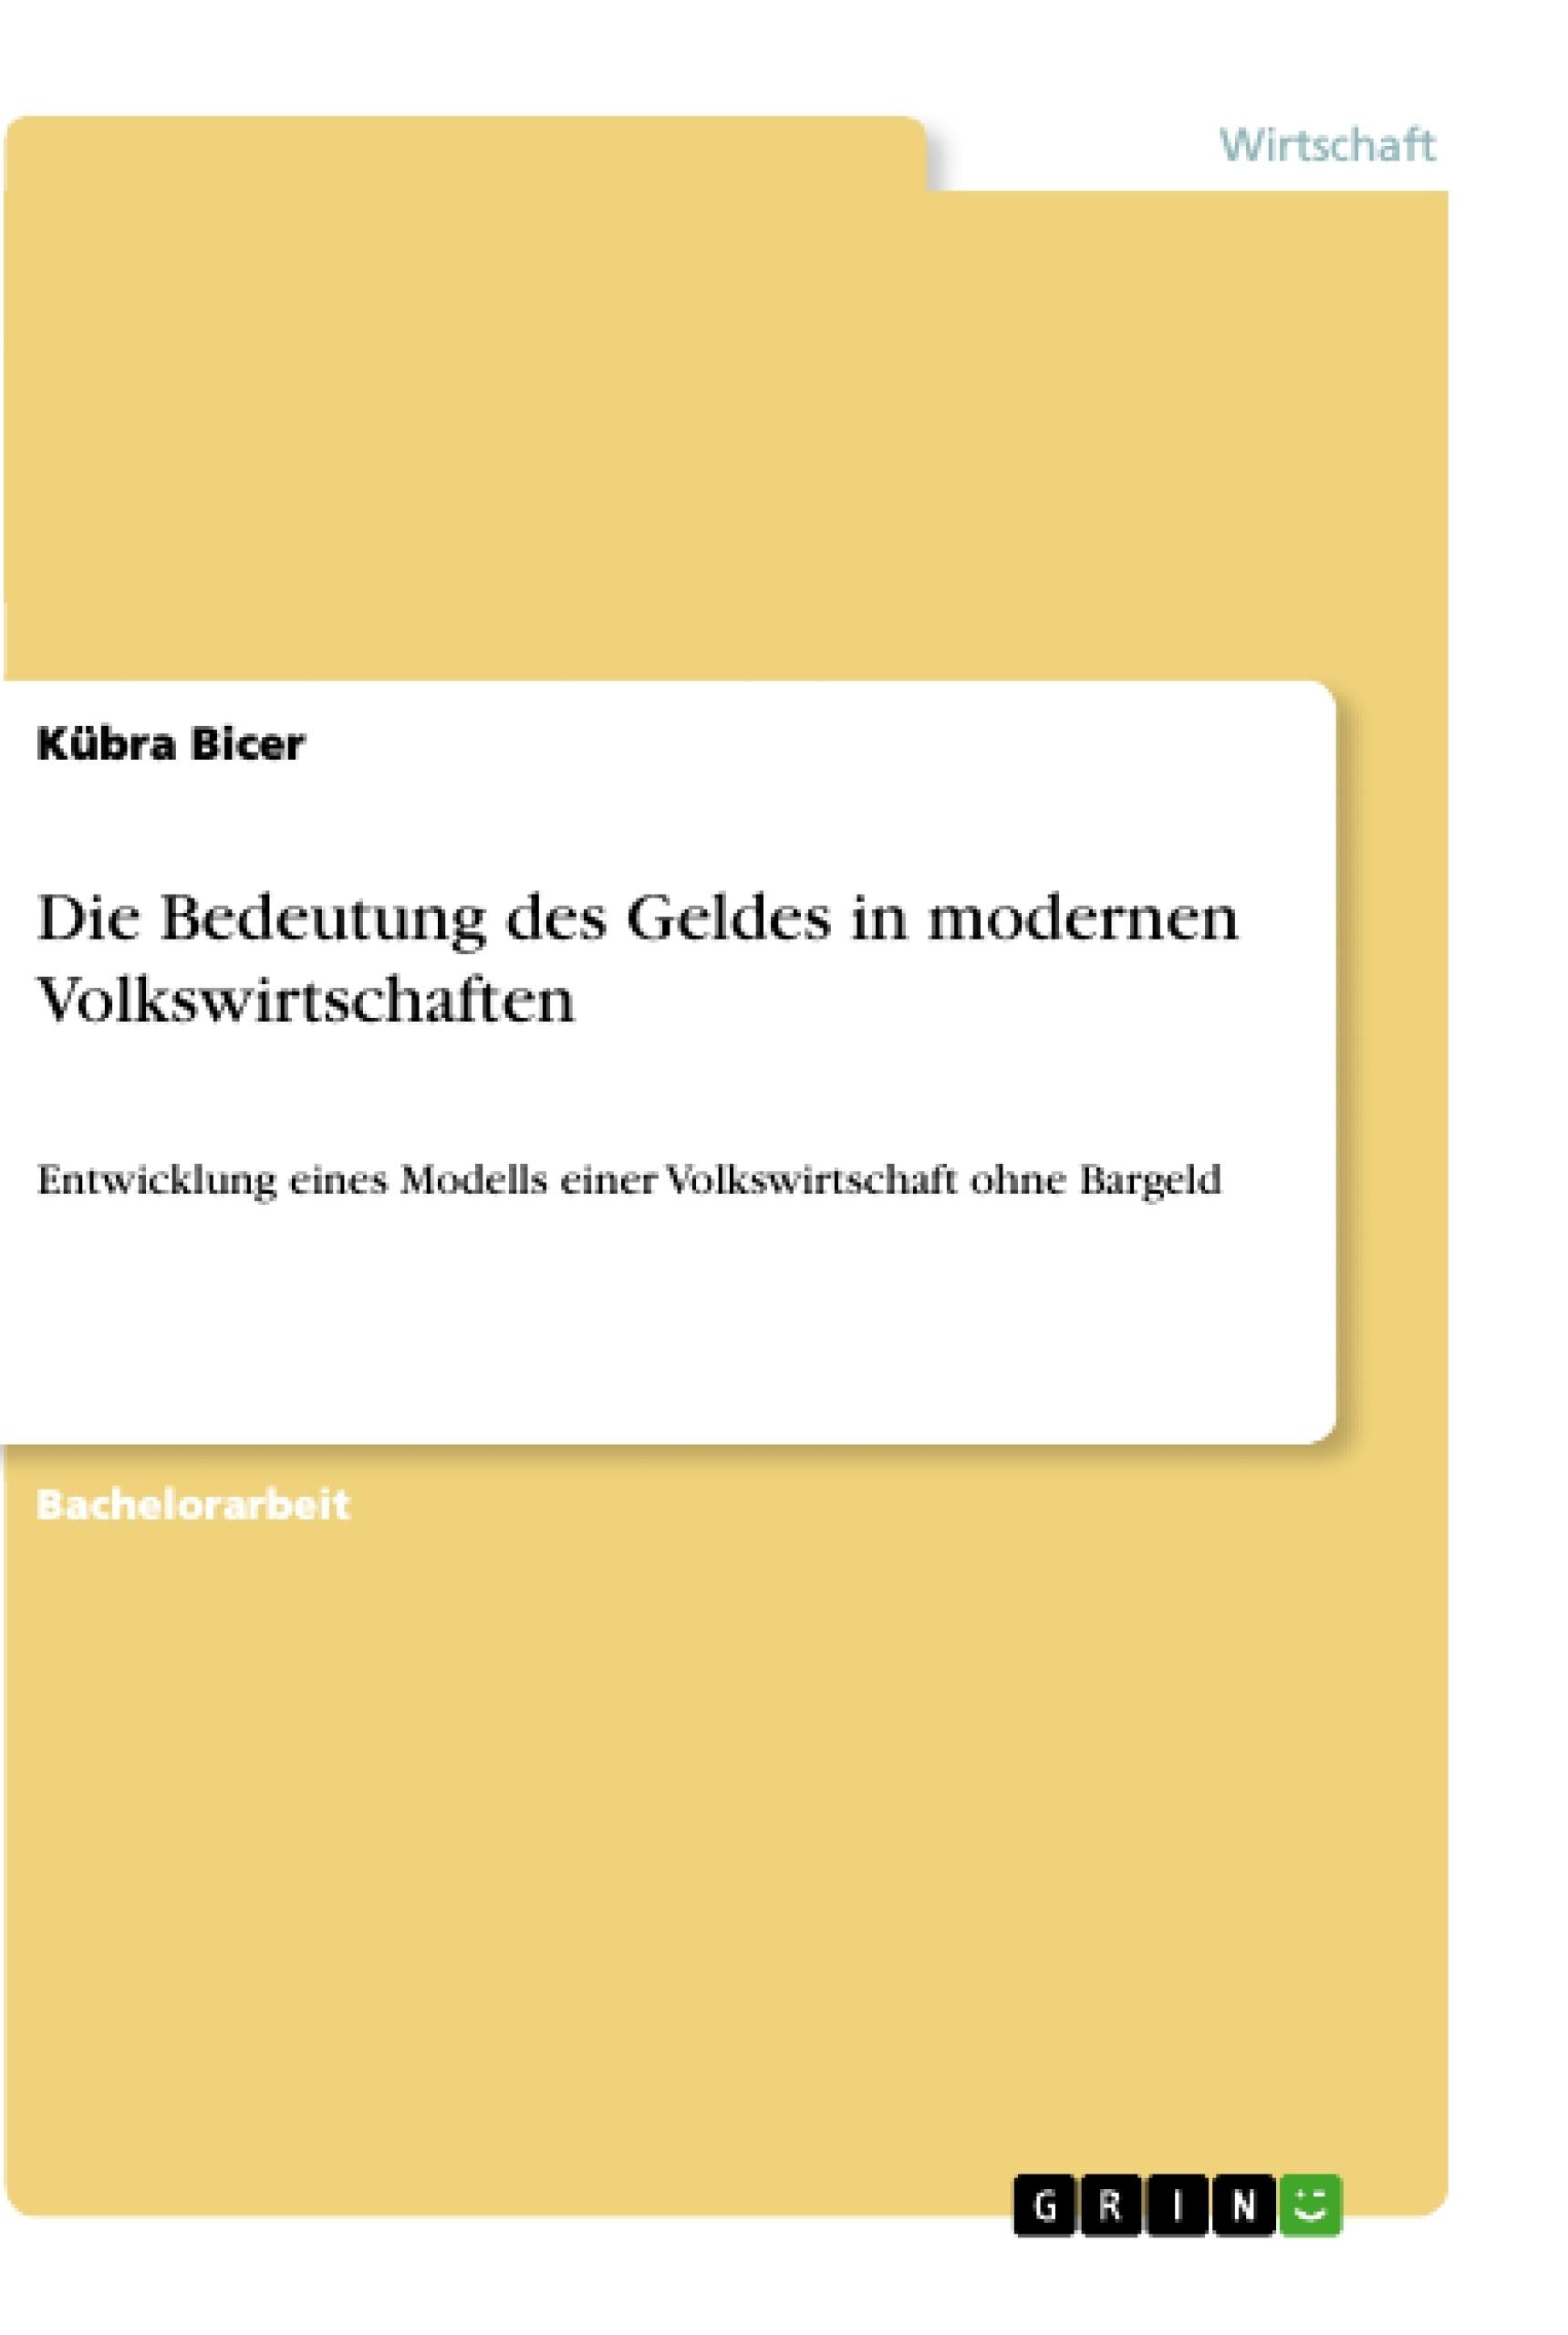 Titel: Die Bedeutung des Geldes in modernen Volkswirtschaften